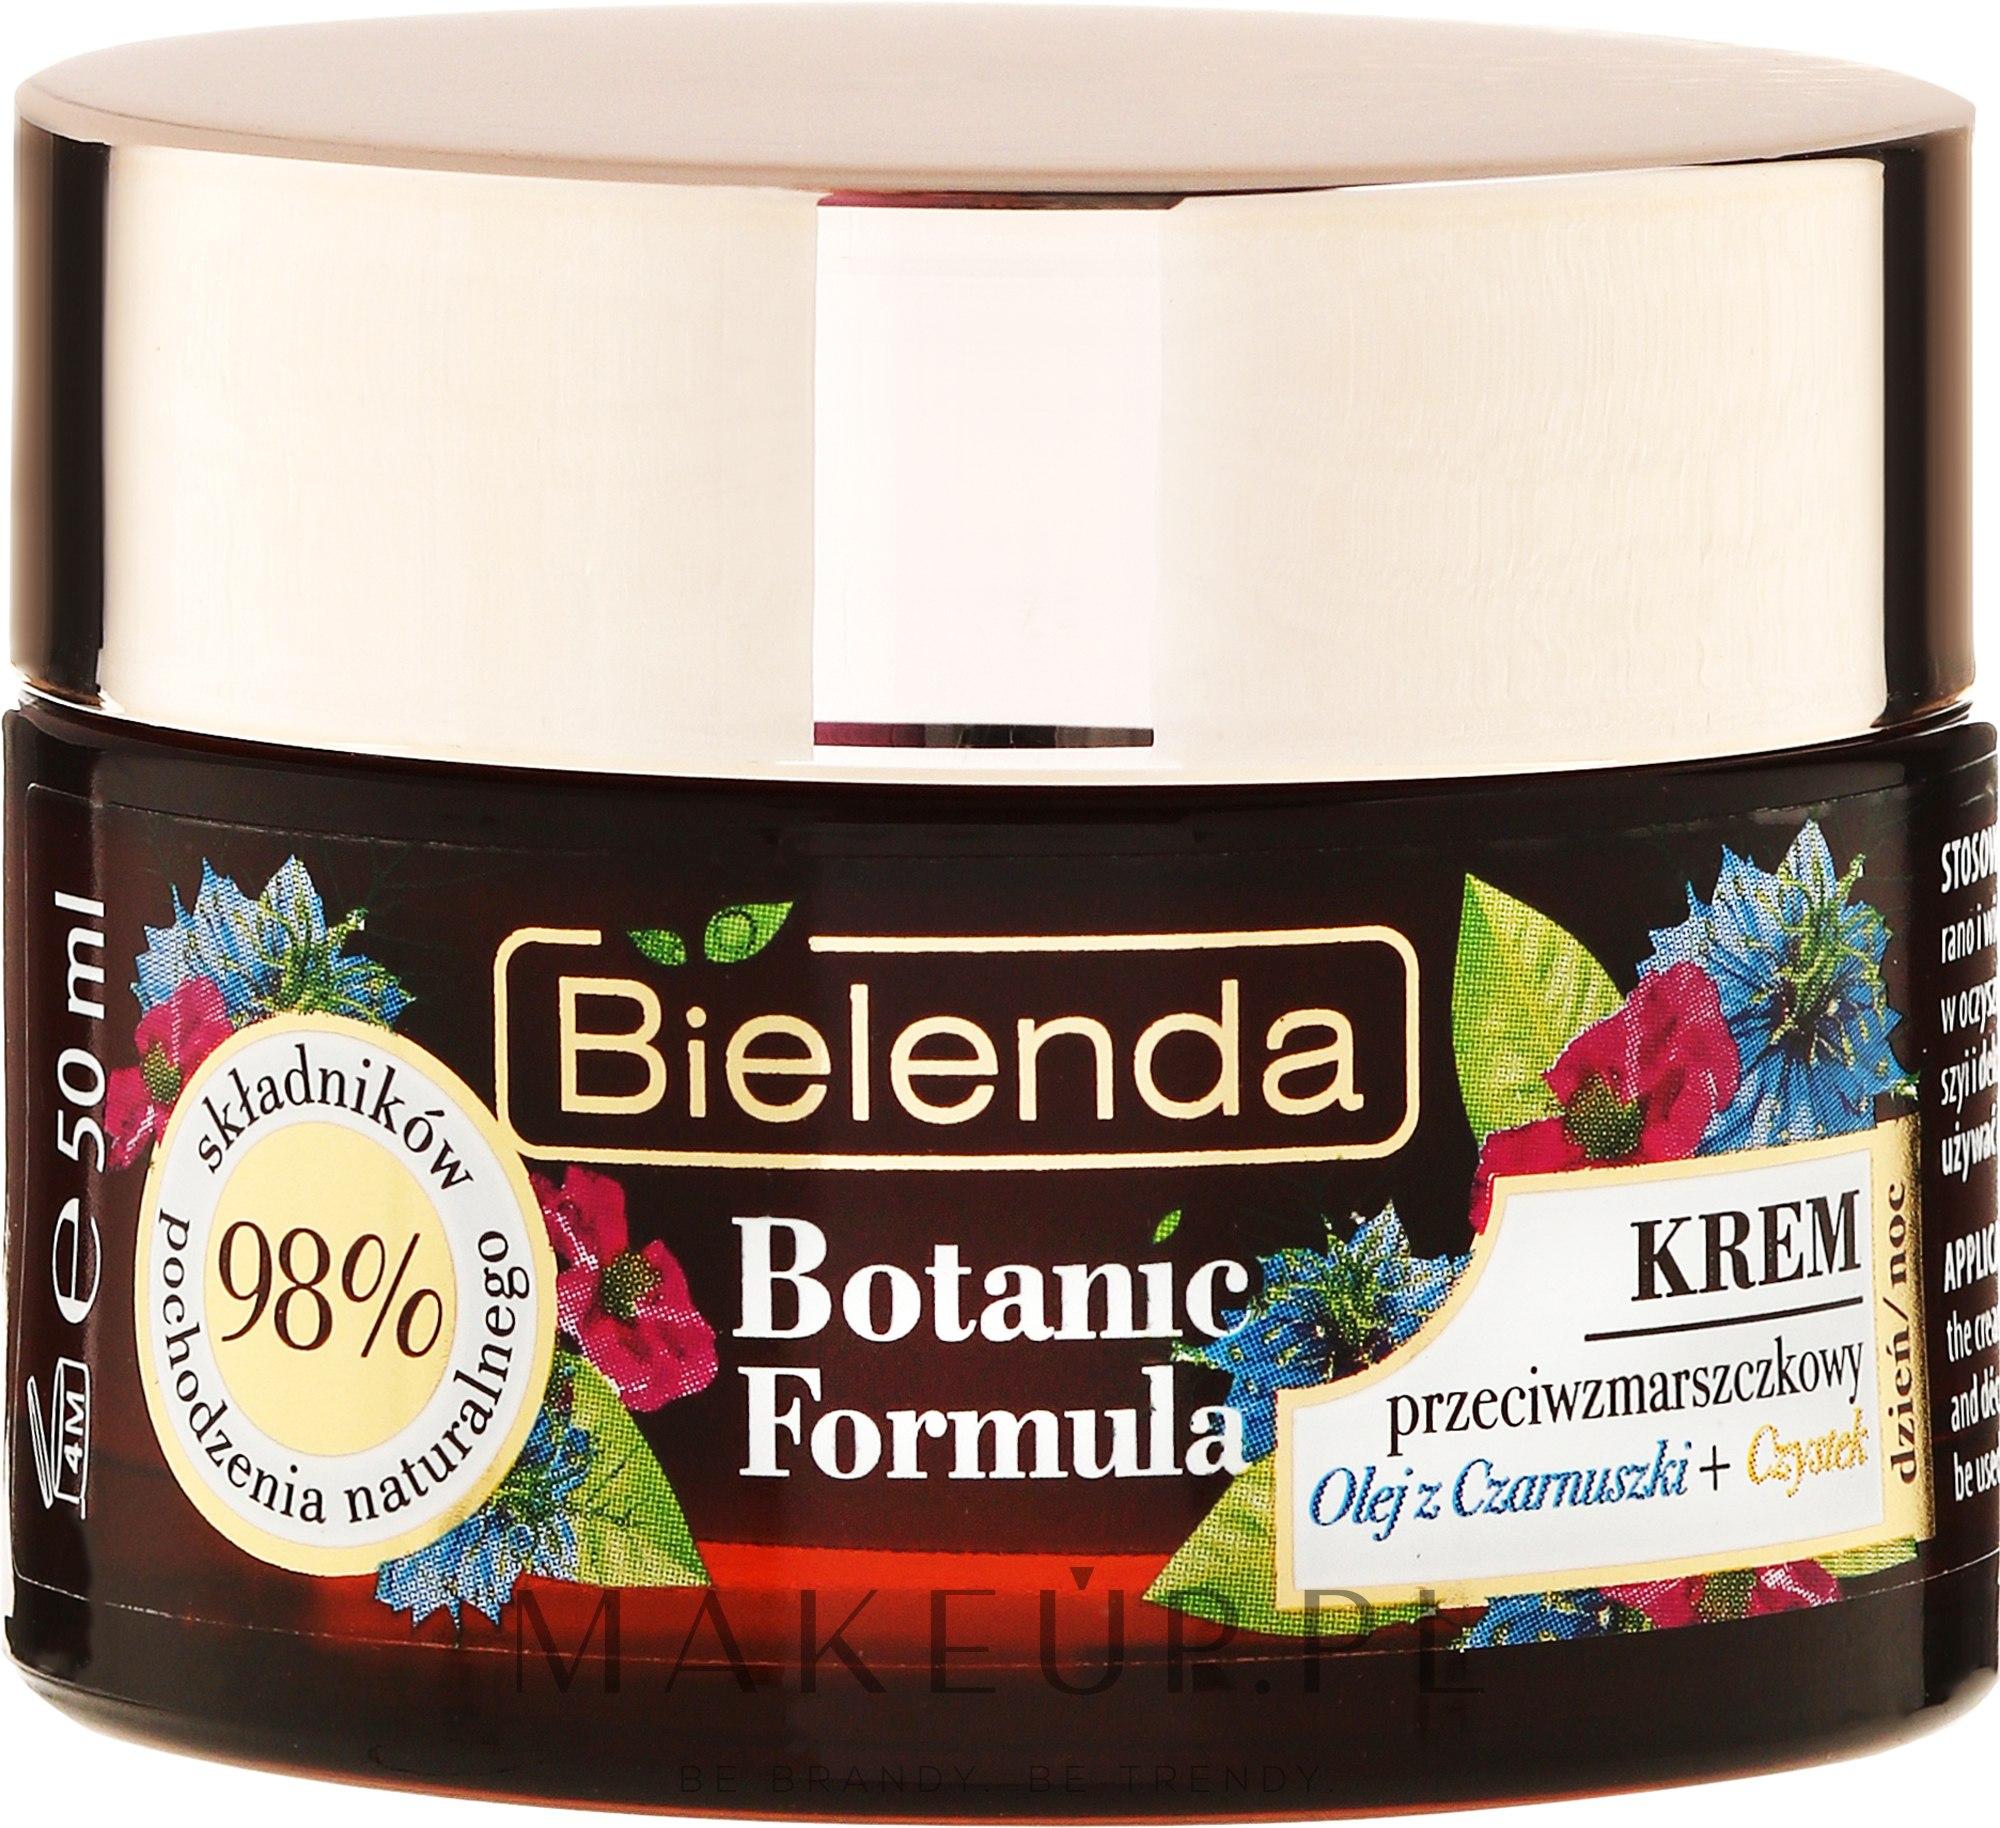 Krem przeciwzmarszczkowy na dzień i noc Olej z czarnuszki + czystek - Bielenda Botanic Formula — фото 50 ml